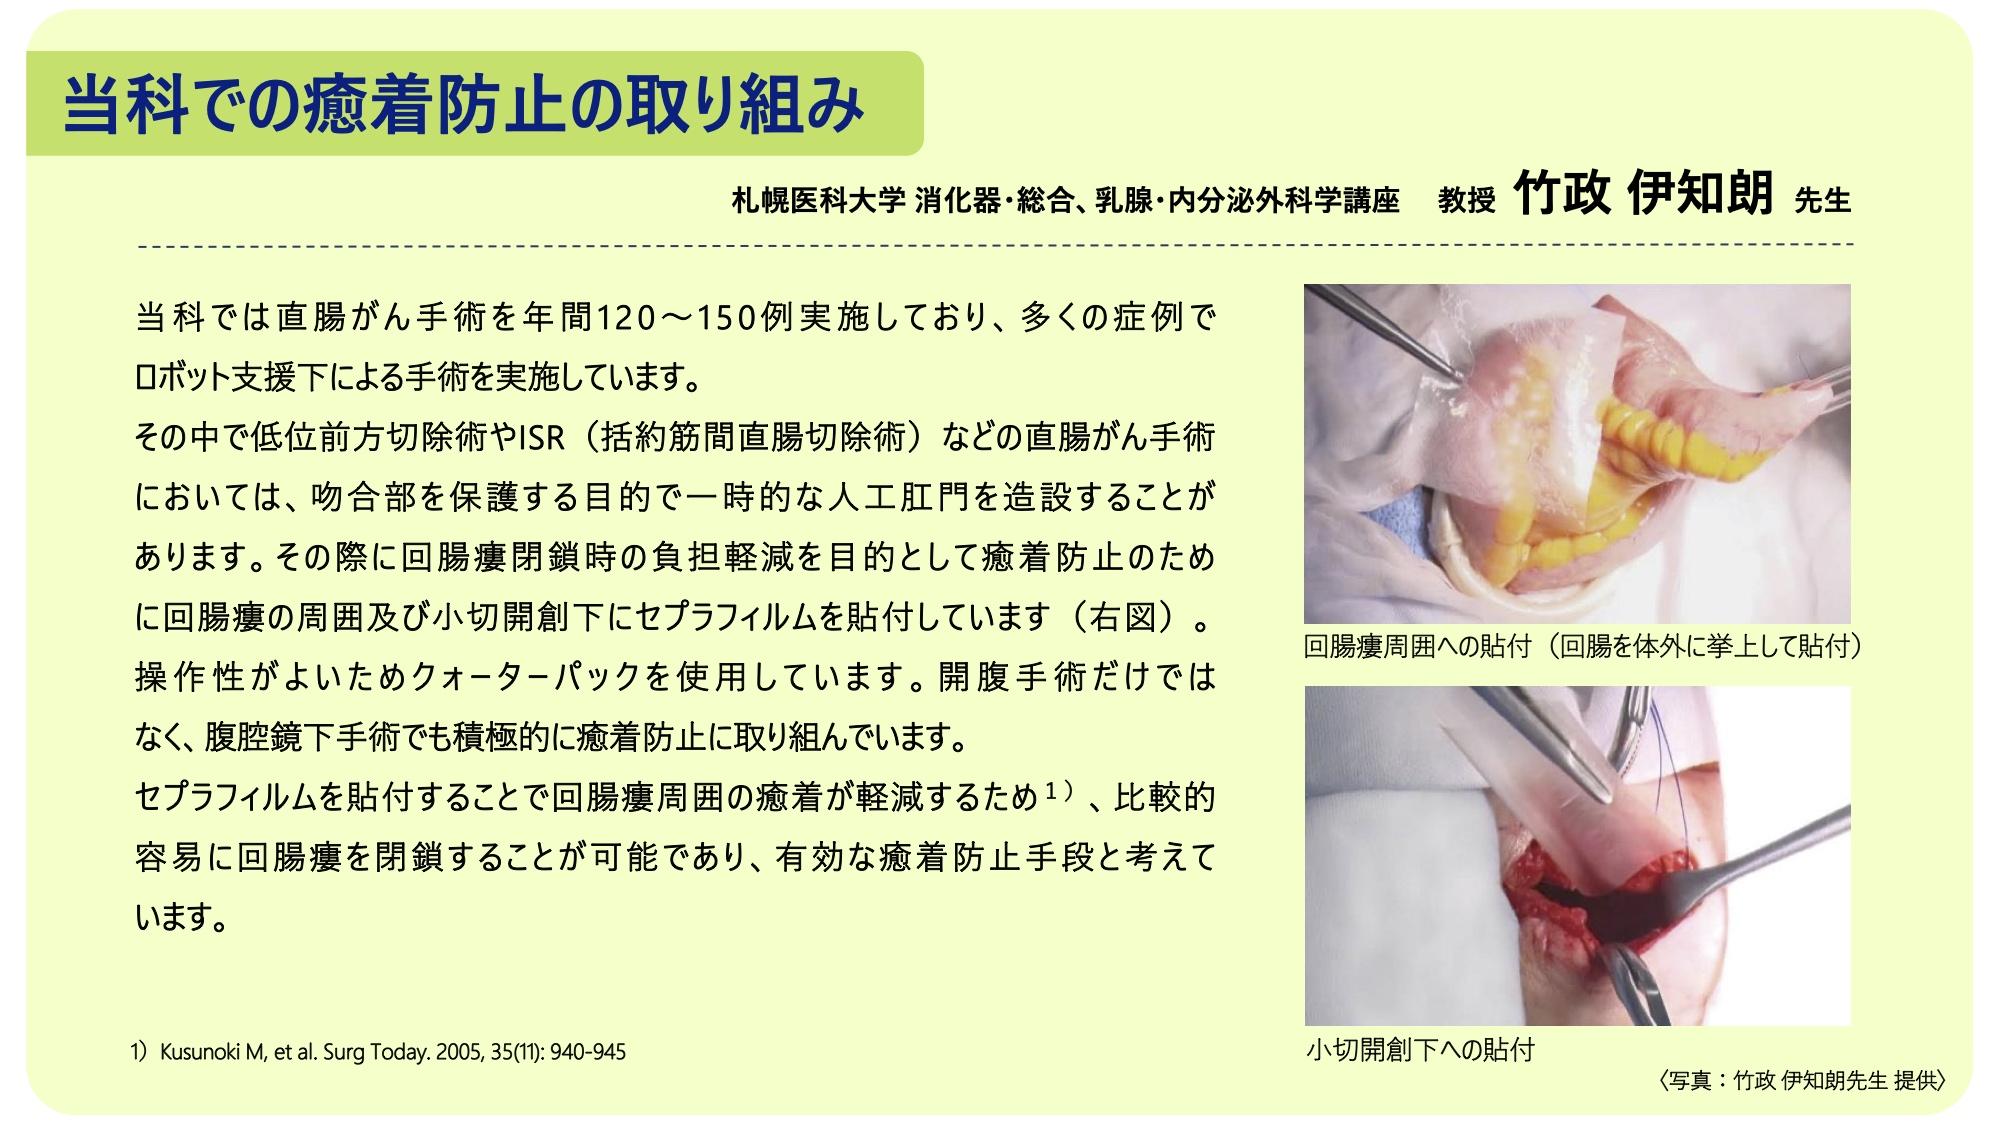 術後癒着防止のエビデンス 〜当科での癒着防止の取り組み〜 - 札幌医科 ...